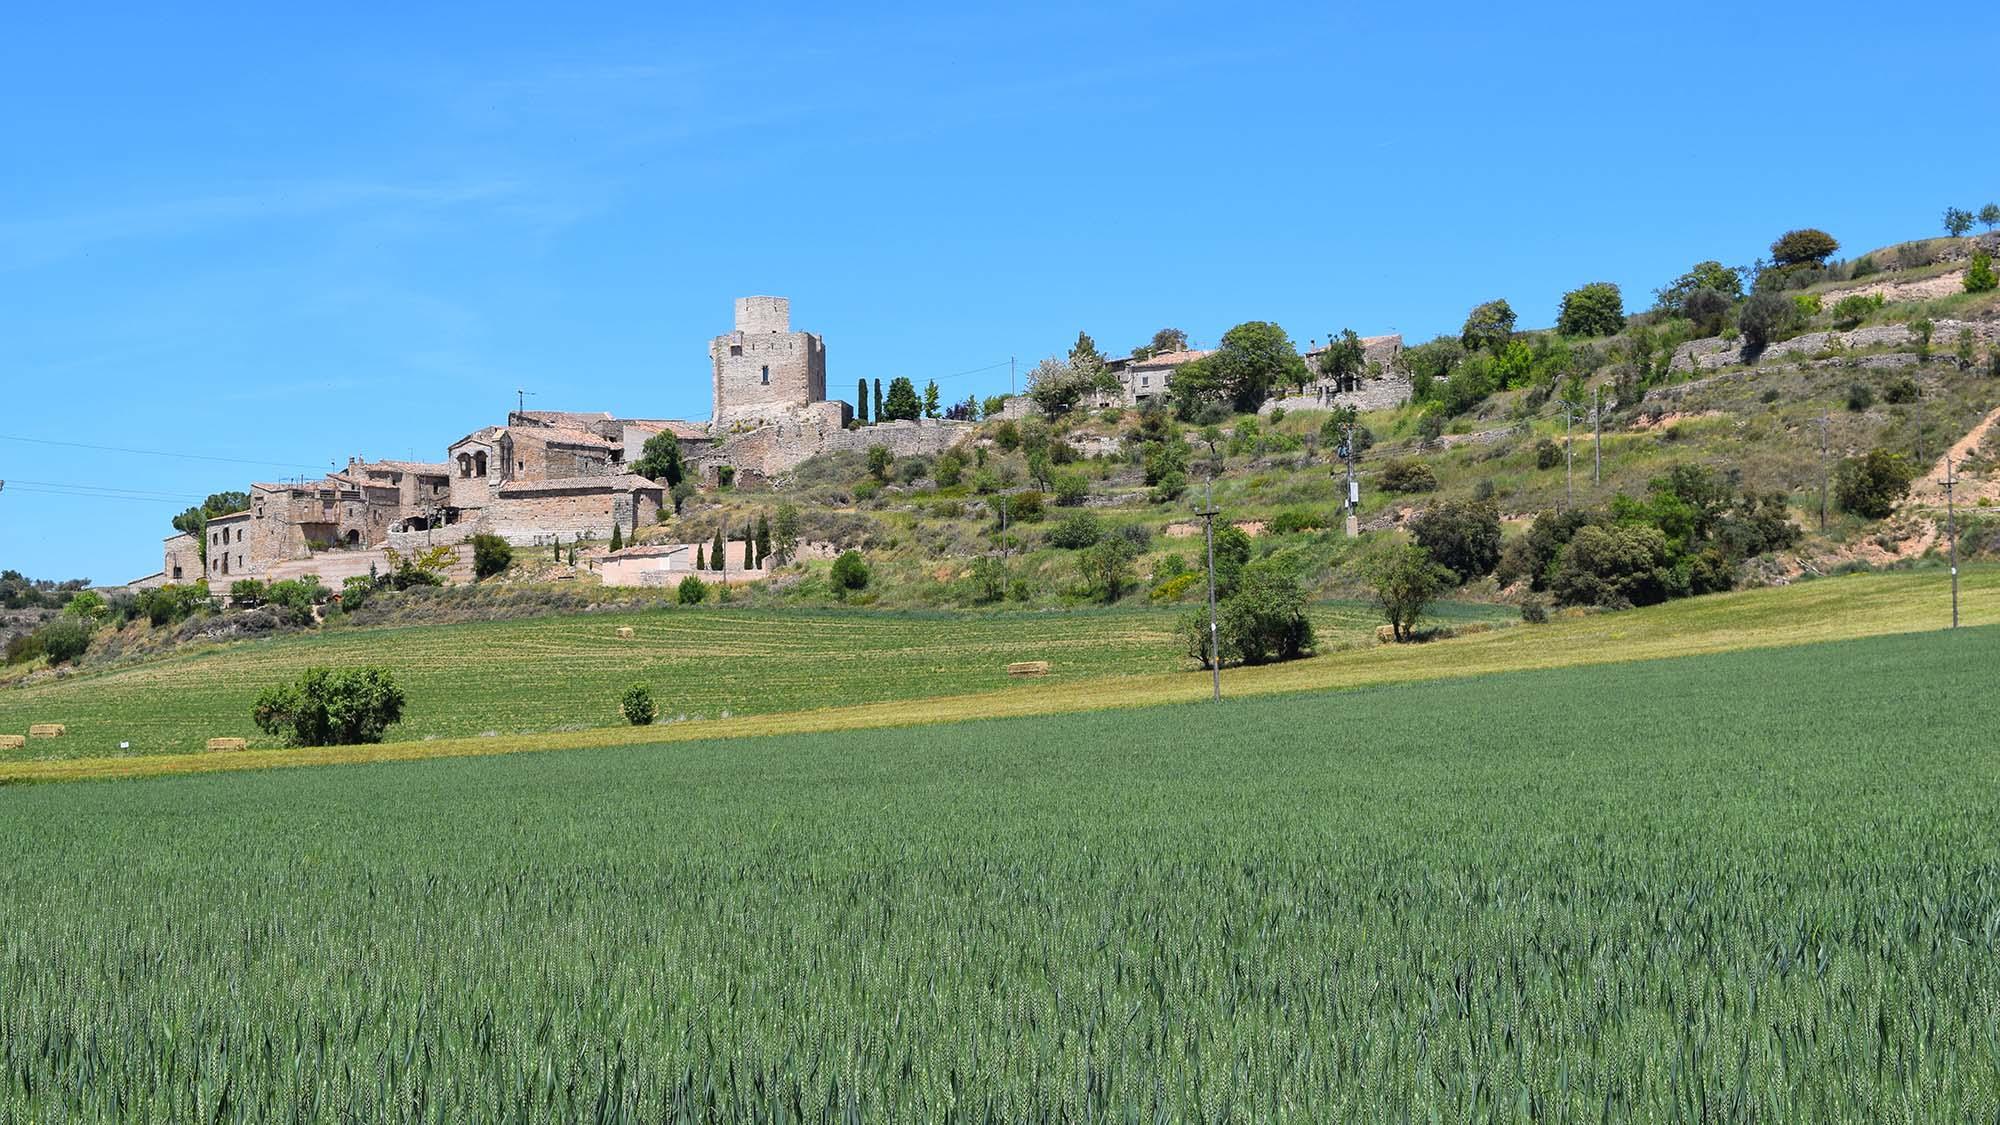 Ruta de senderisme Les Oluges - Malgrat - La Prenyanosa - Castellnou d'Oluges - Les Oluge